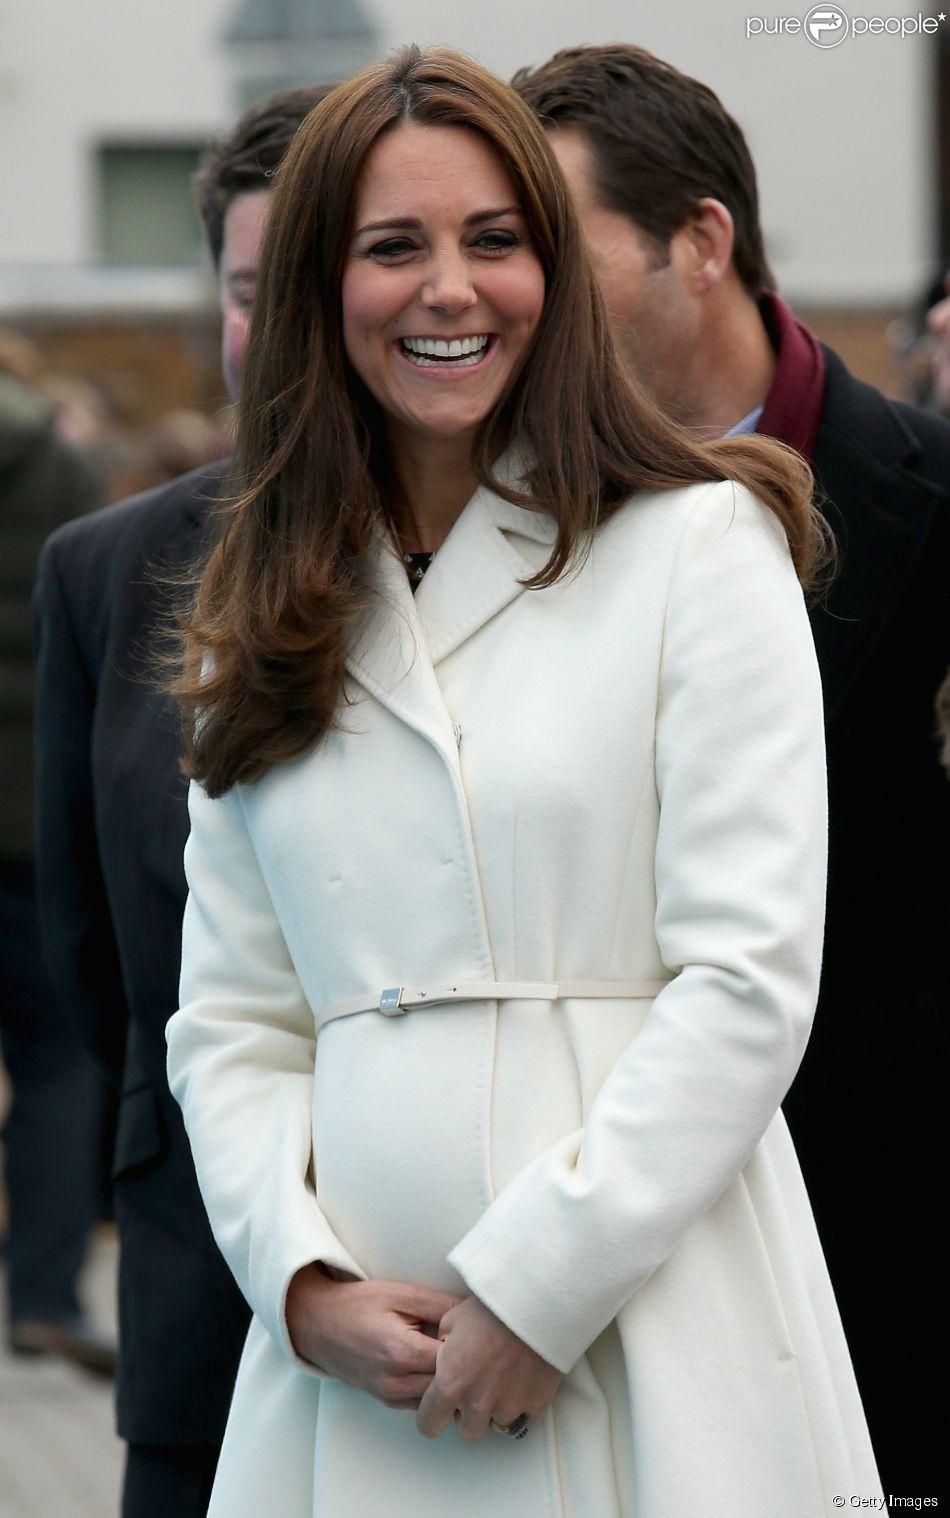 Kate Middleton participa de evento esportivo em Londres e mostra barriga do sexto mês de gravidez. Duquesa usou casaco estipulado em 810 libras, cerca de R$ 3,800